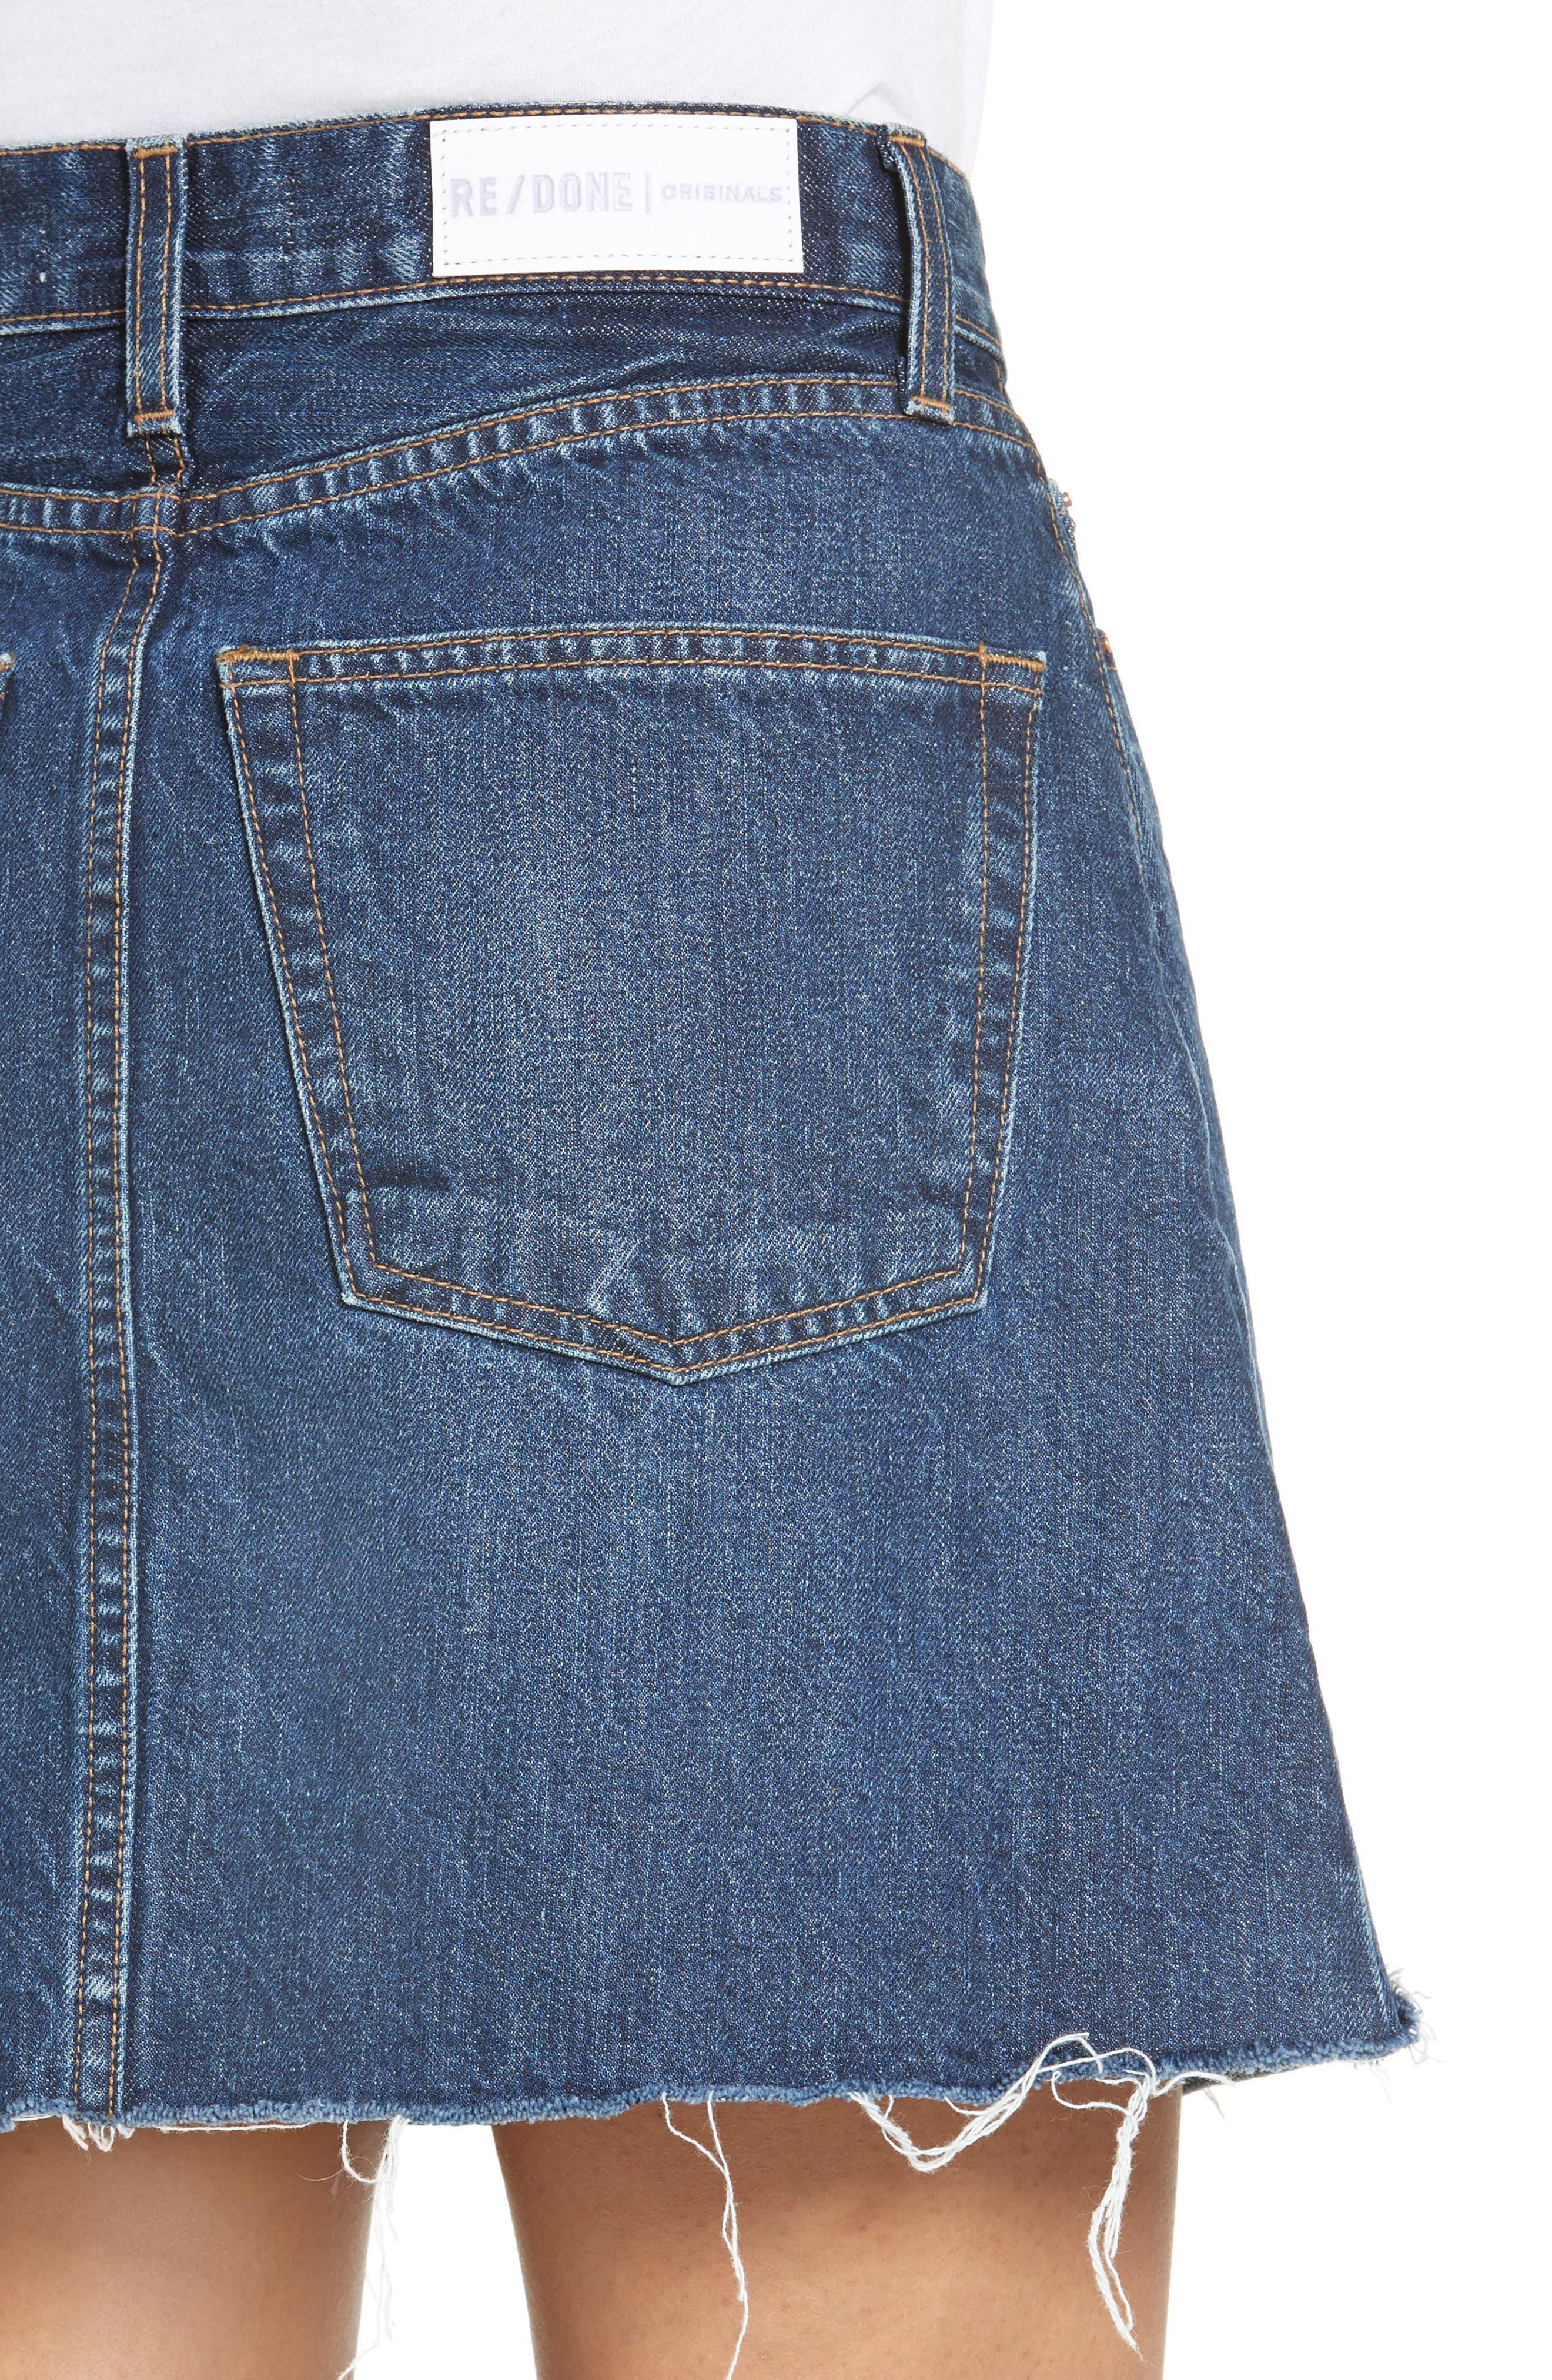 Originals High Waist Denim Miniskirt,                             Alternate thumbnail 4, color,                             401